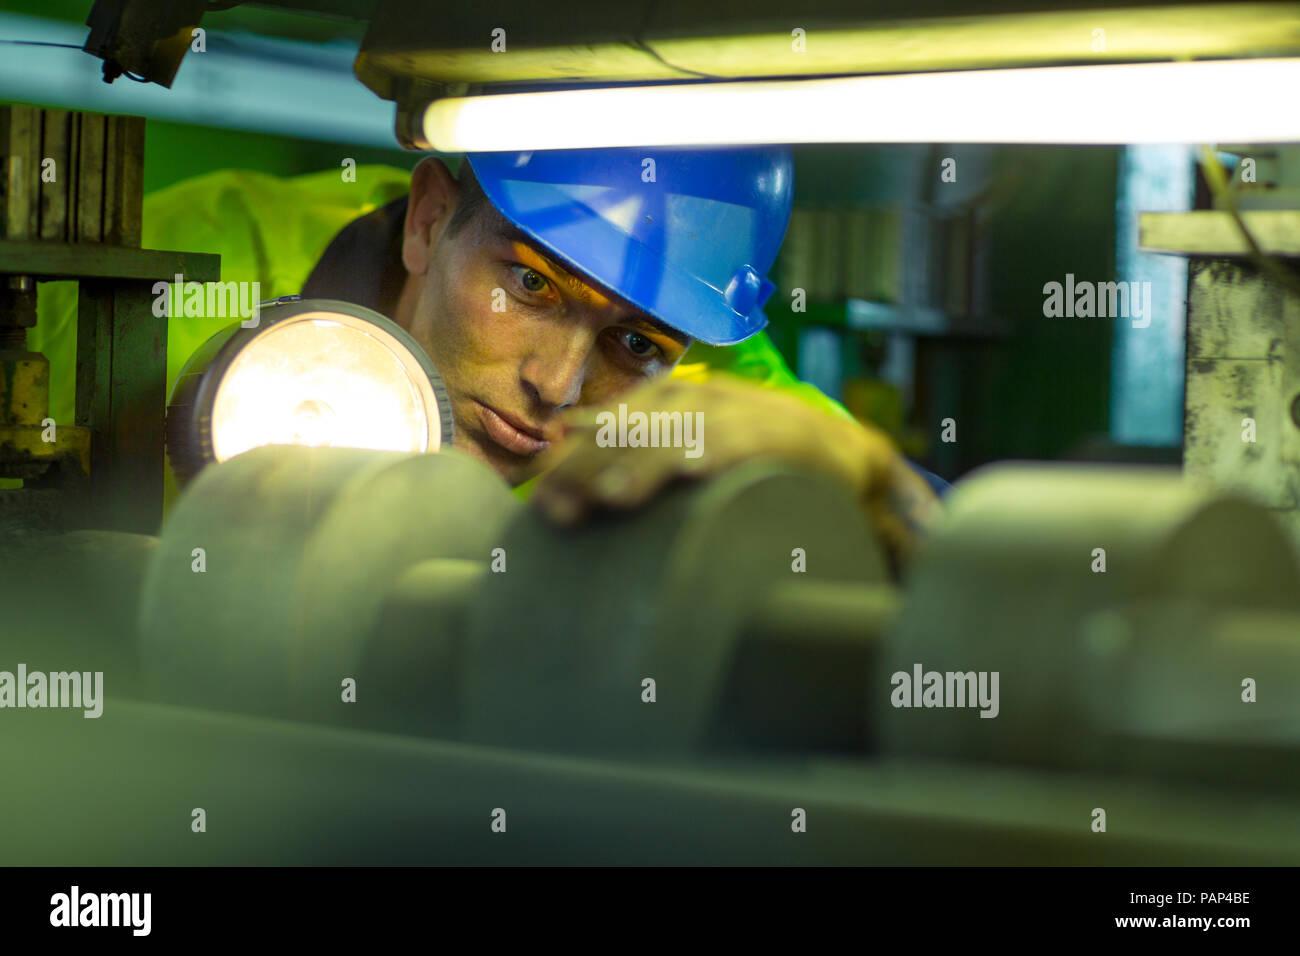 Ingenieur in industriellen Anlagen Inspektion von Maschinen Stockfoto